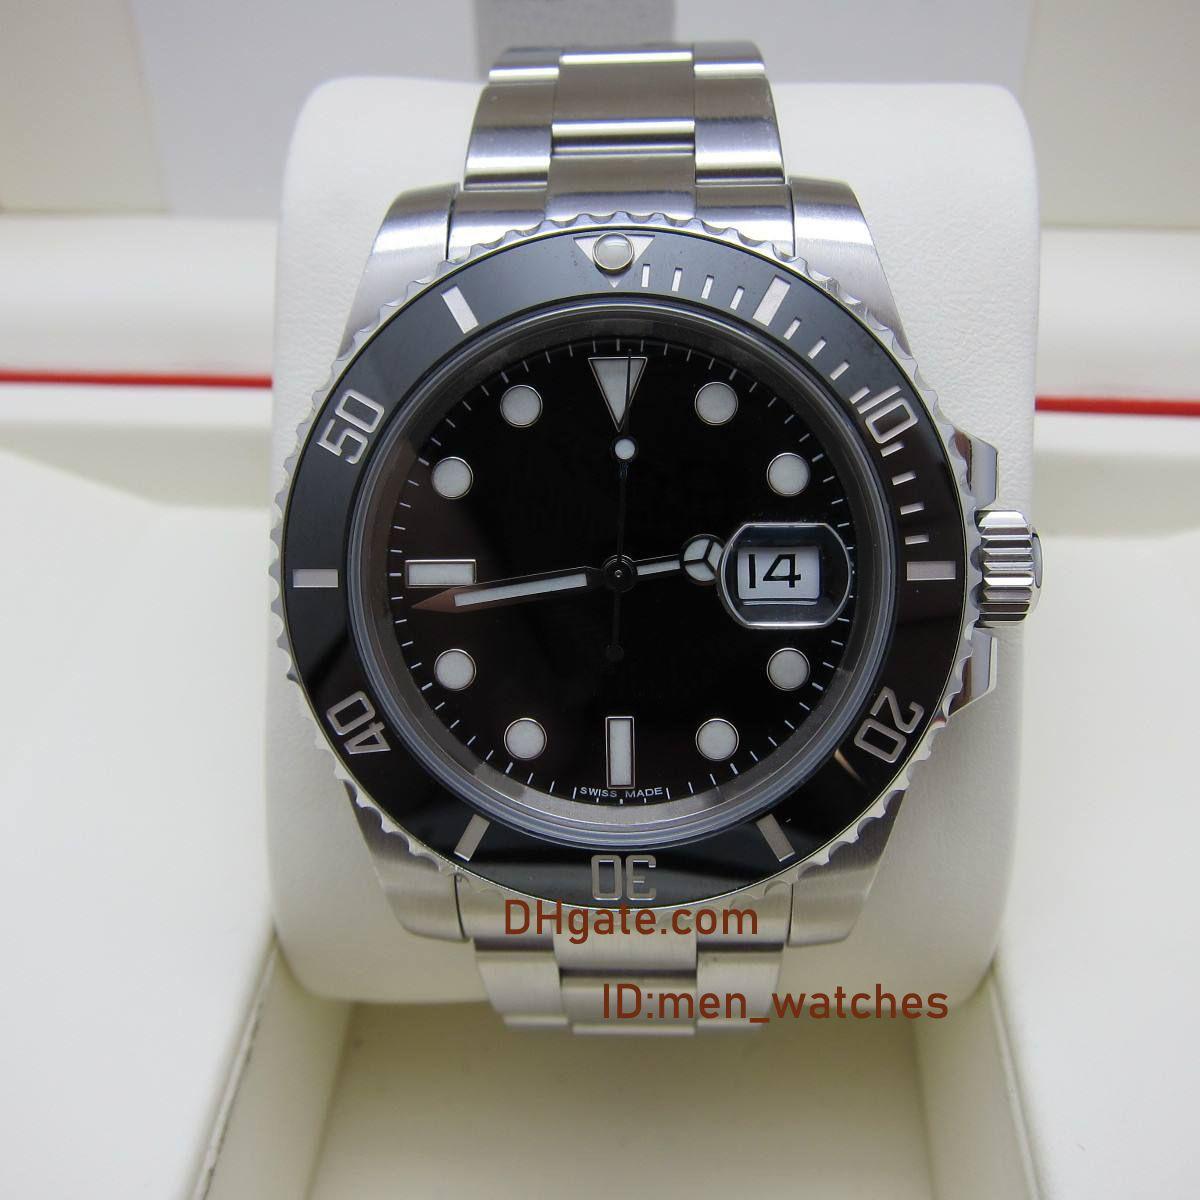 TOP N fábrica de los hombres de lujo miran V10 zafiro relojes ETA 2836 ETA 3135 movimiento bisel de cerámica modelo 116610ln reloj de pulsera de acero inoxidable 904L